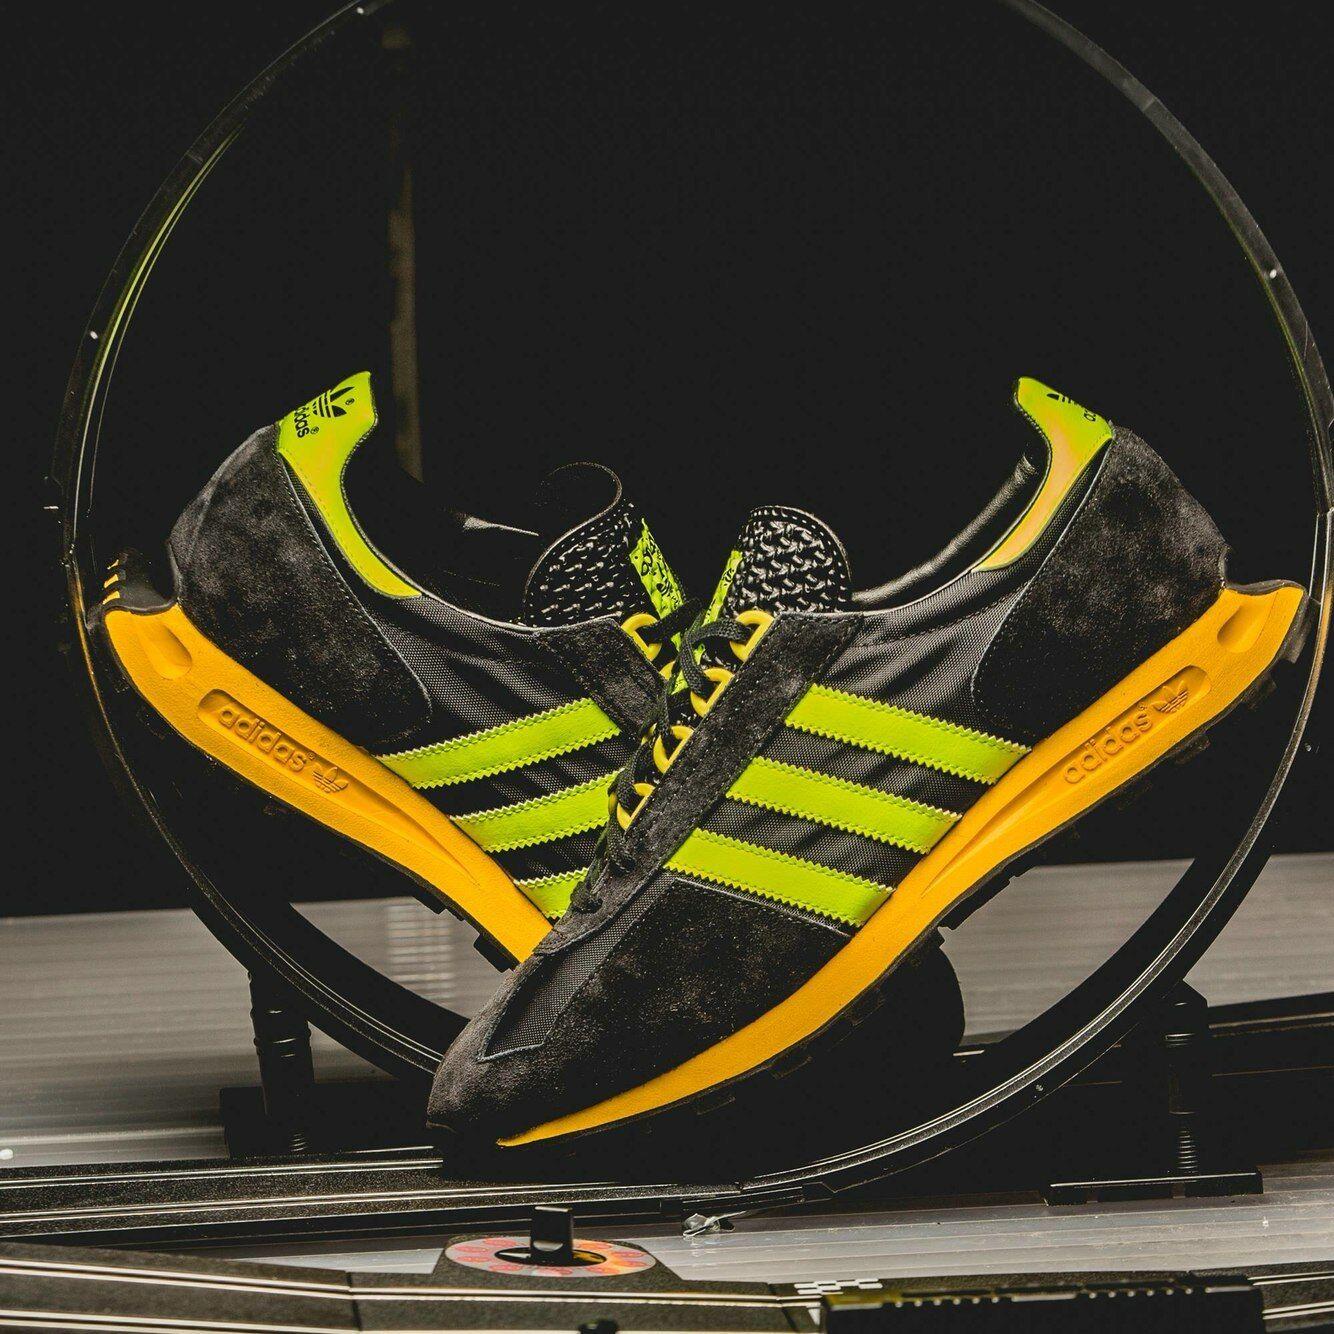 Adidas Originals RACING 1 Nero/Giallo le S79137 (tutte le Nero/Giallo dimensioni) Formel 1 OG Vintage 062bb0